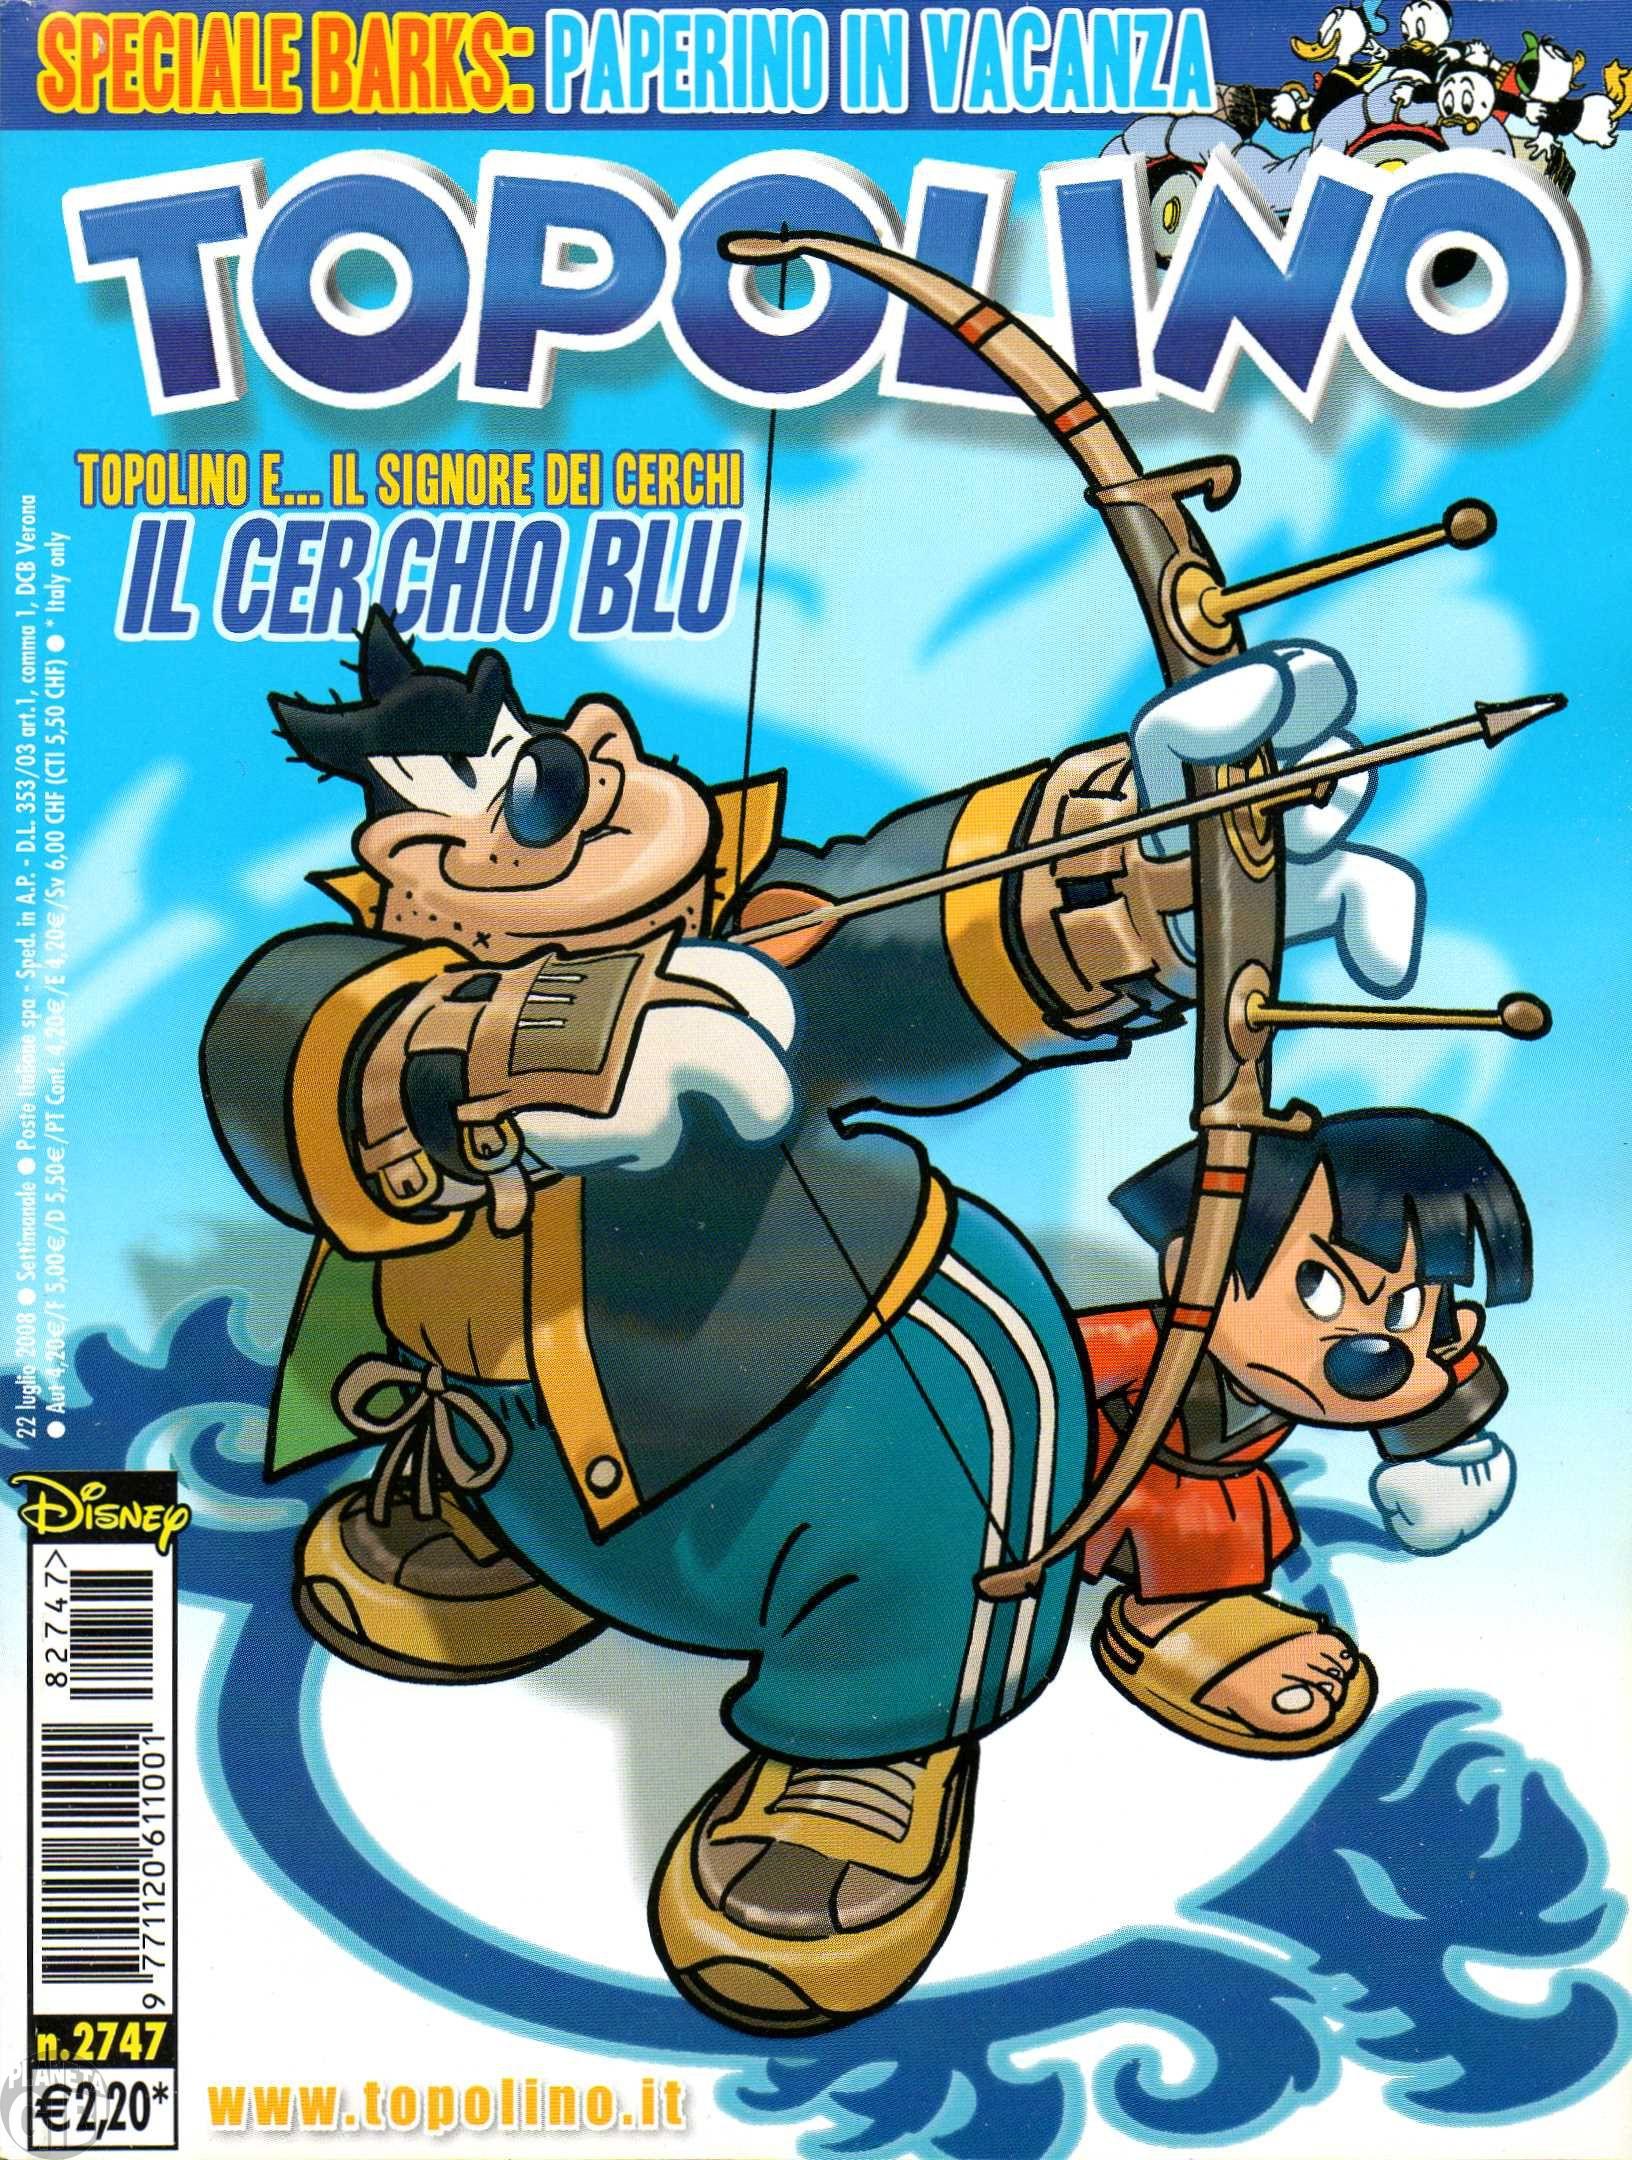 Topolino nº 2747 jul/2008